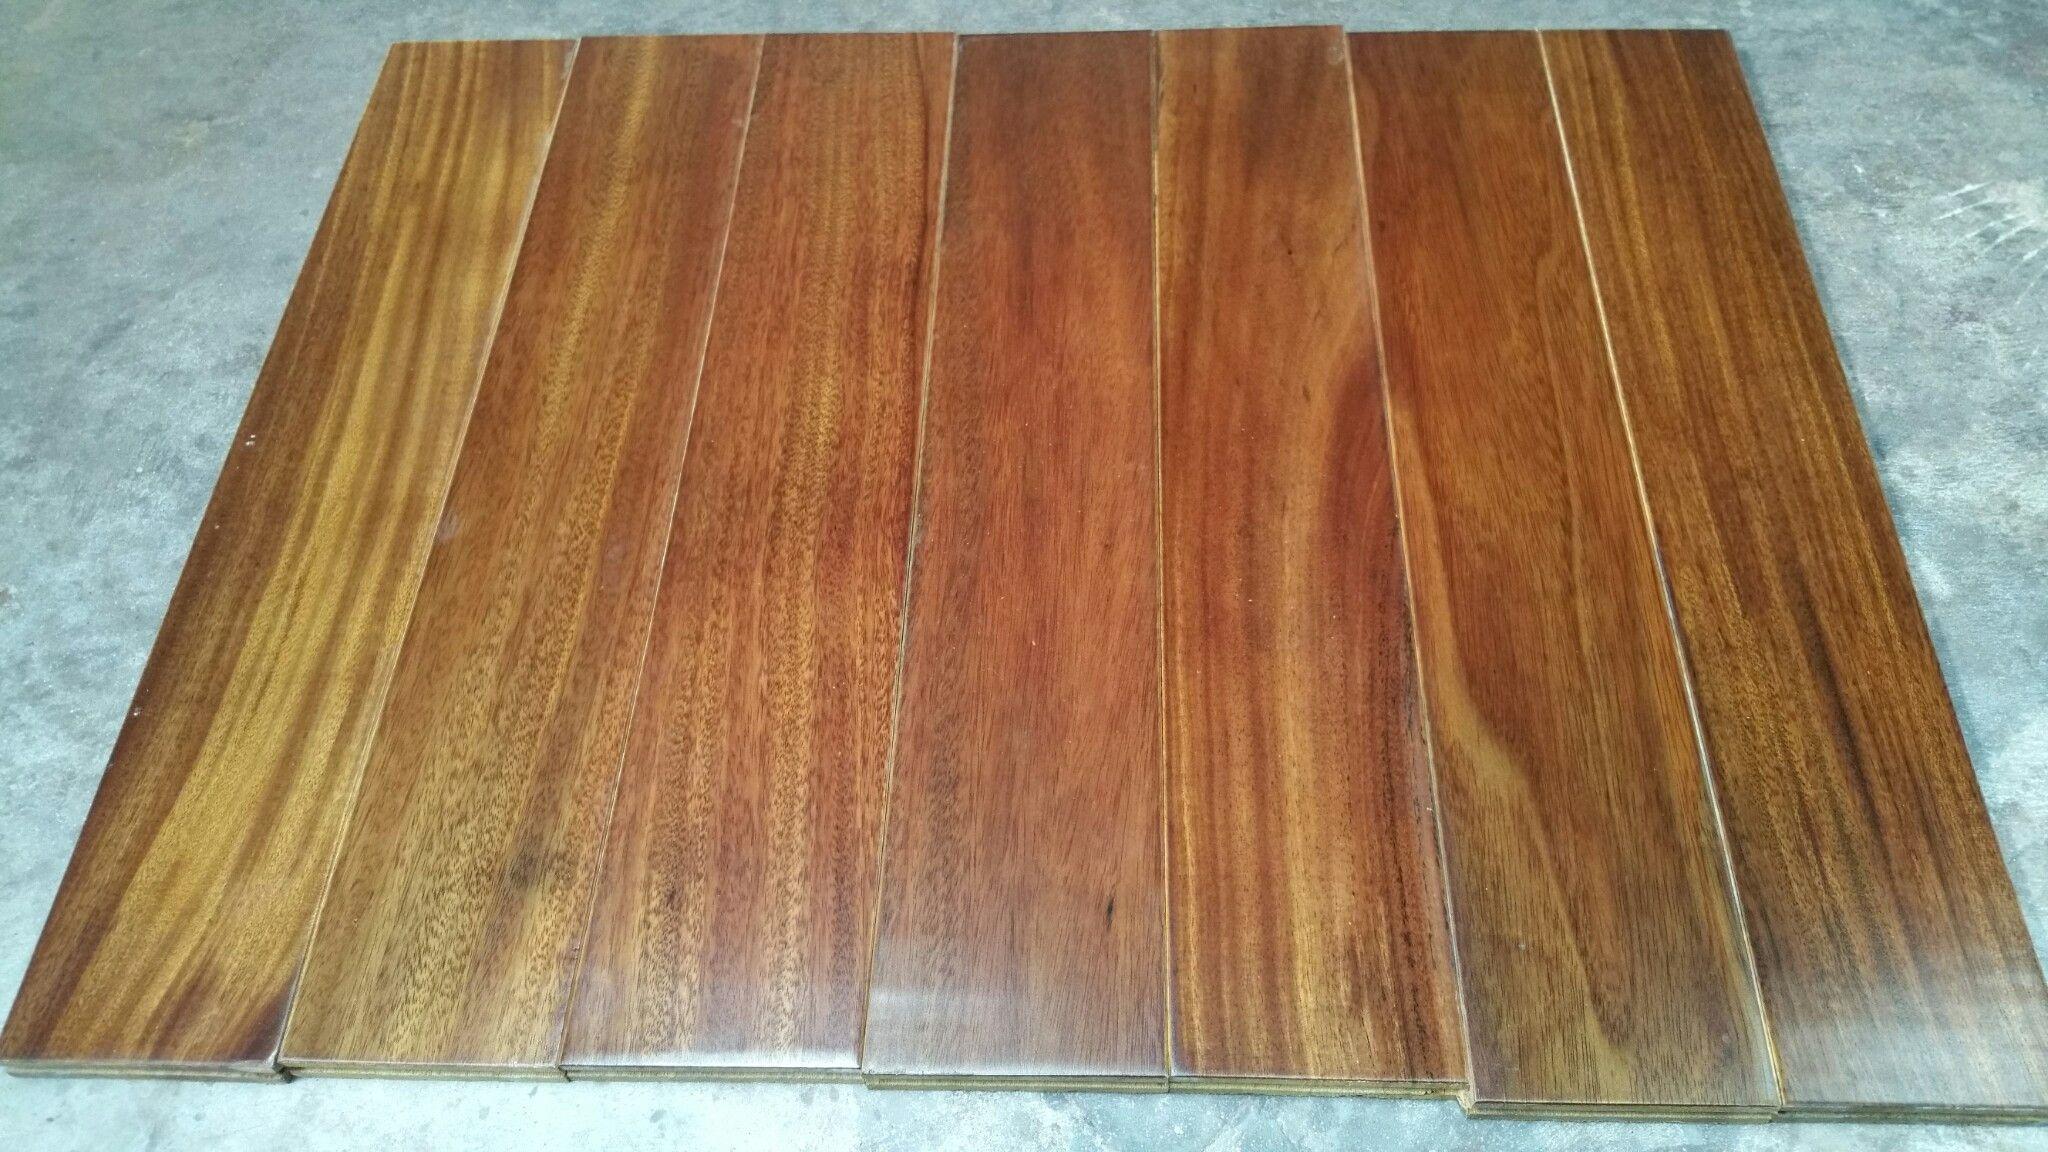 Sàn gỗ Lim, ván sàn gỗ tự nhiên Lim Lào Nam Phi giá rẻ